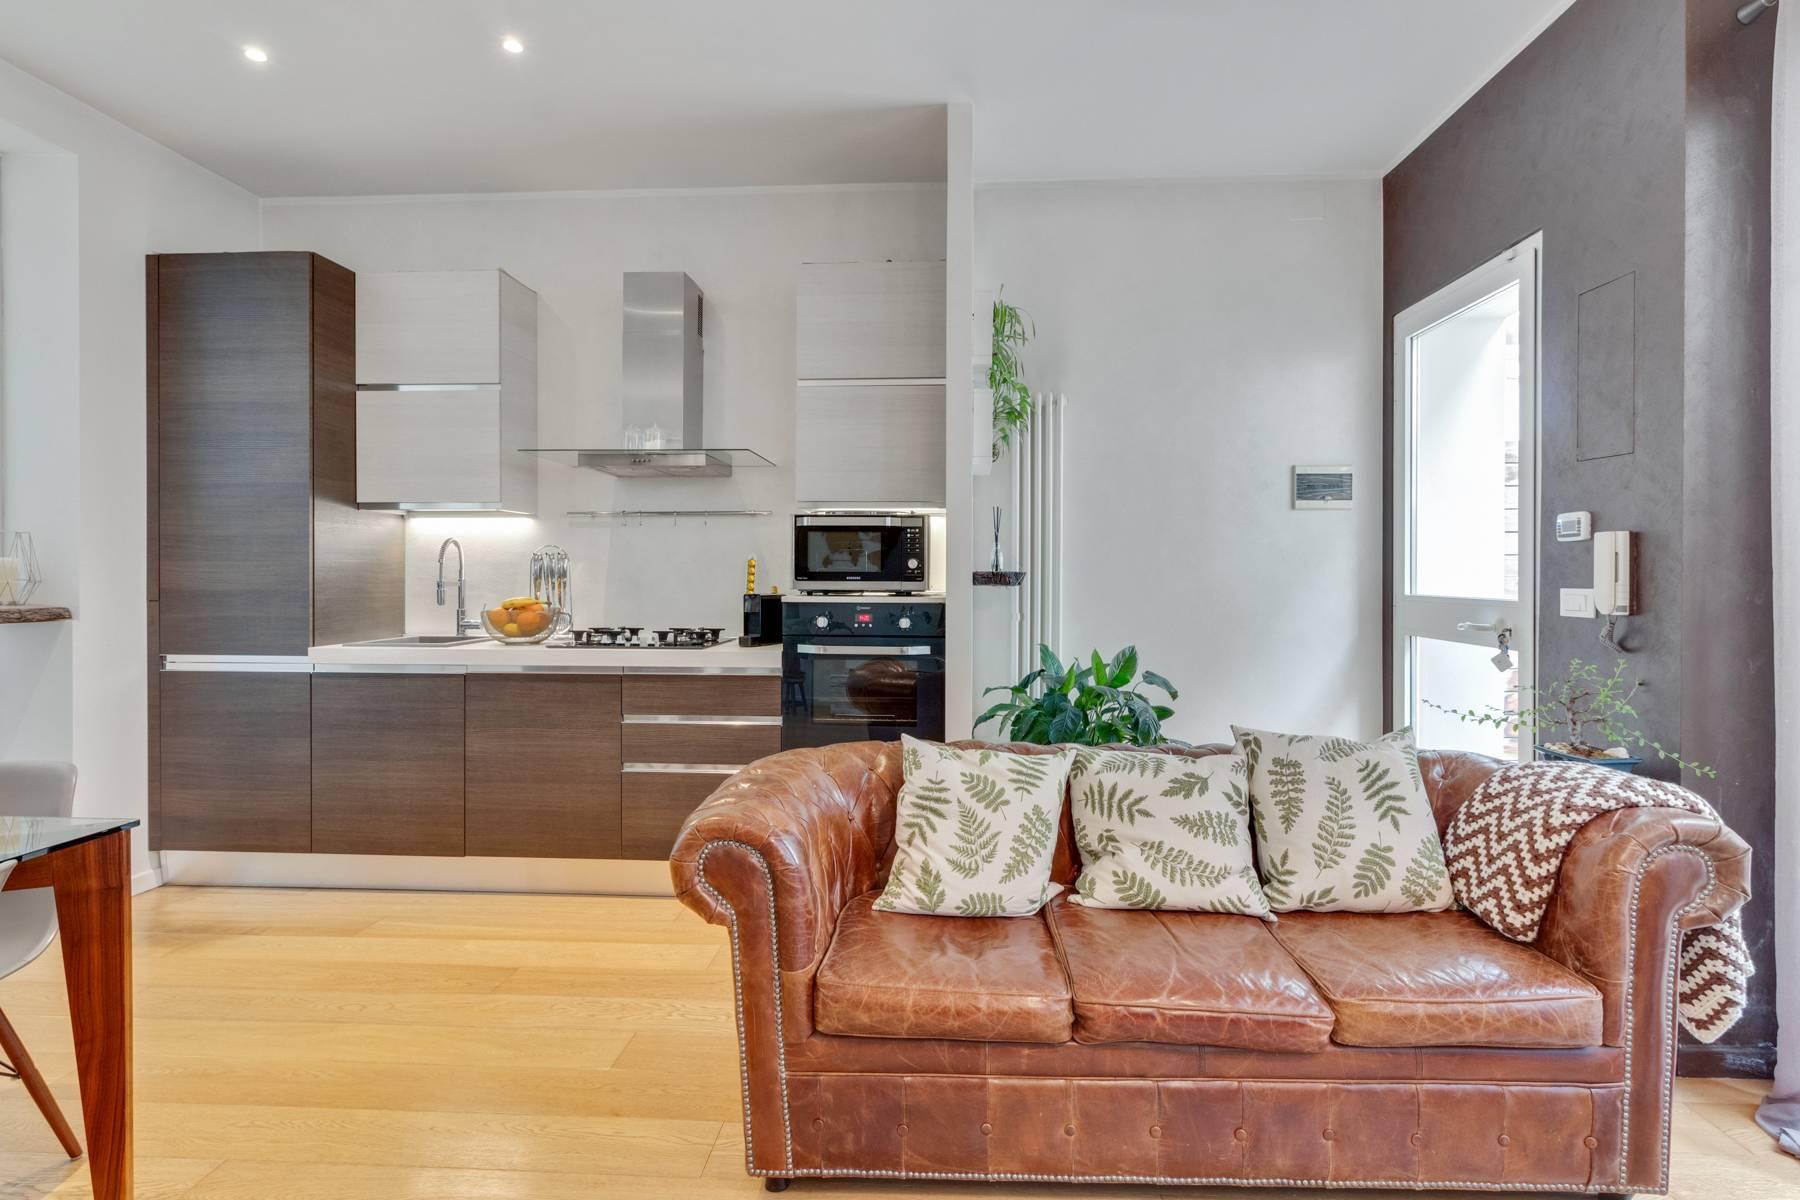 Appartamento in Vendita a Torino: 3 locali, 70 mq - Foto 6